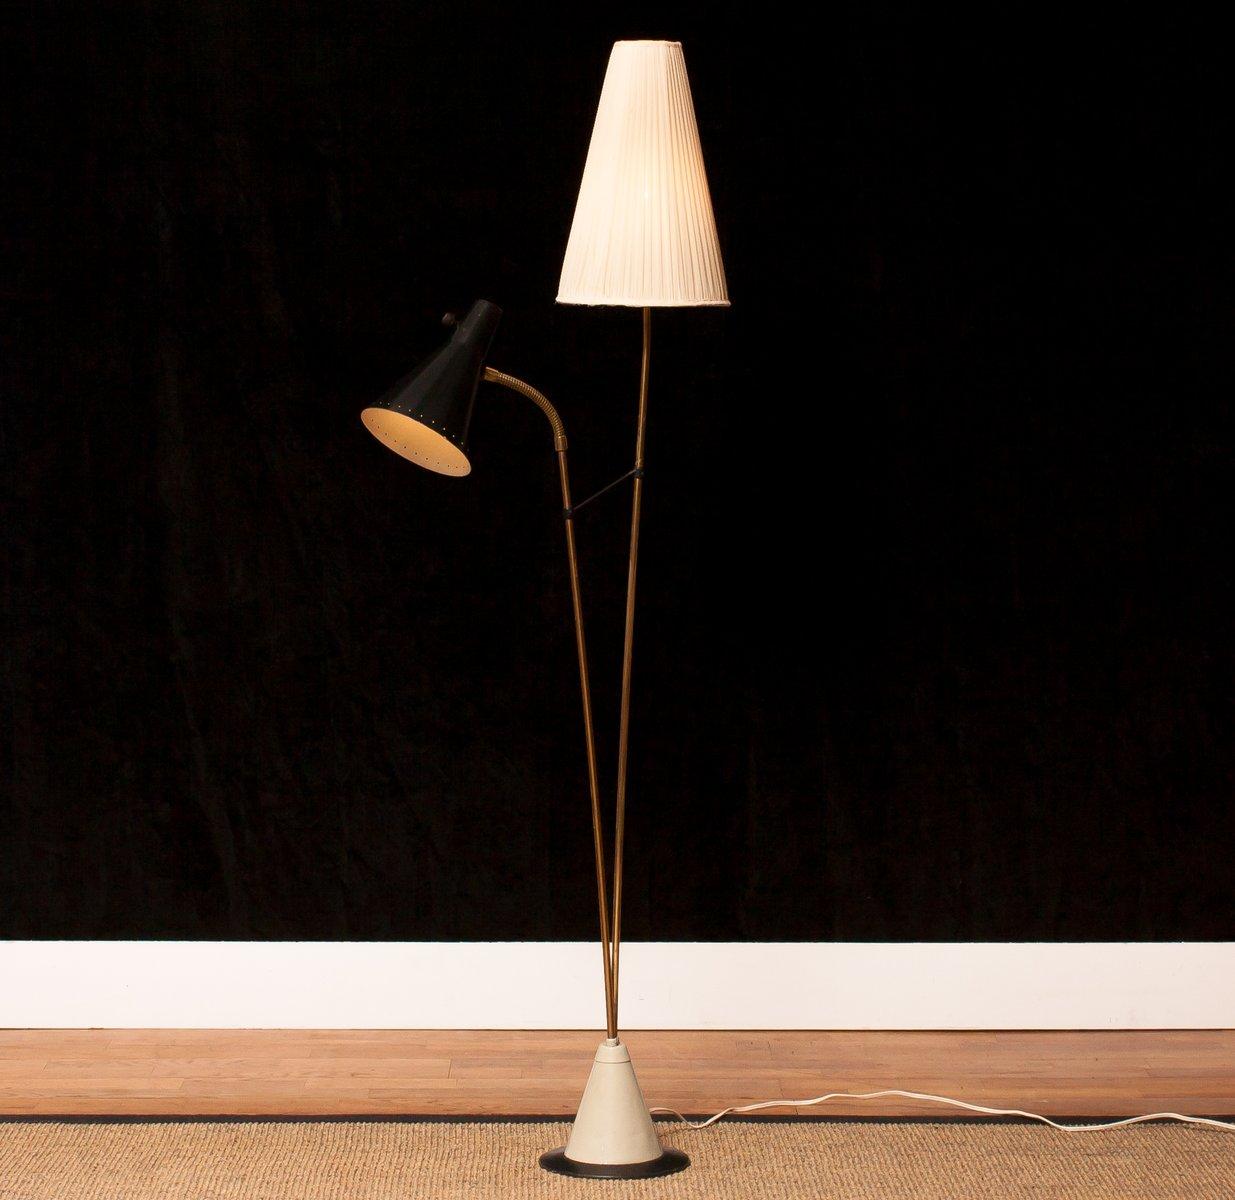 Stehlampe Gr Ner Schirm Stehlampe Grn Top Elvs Lichter